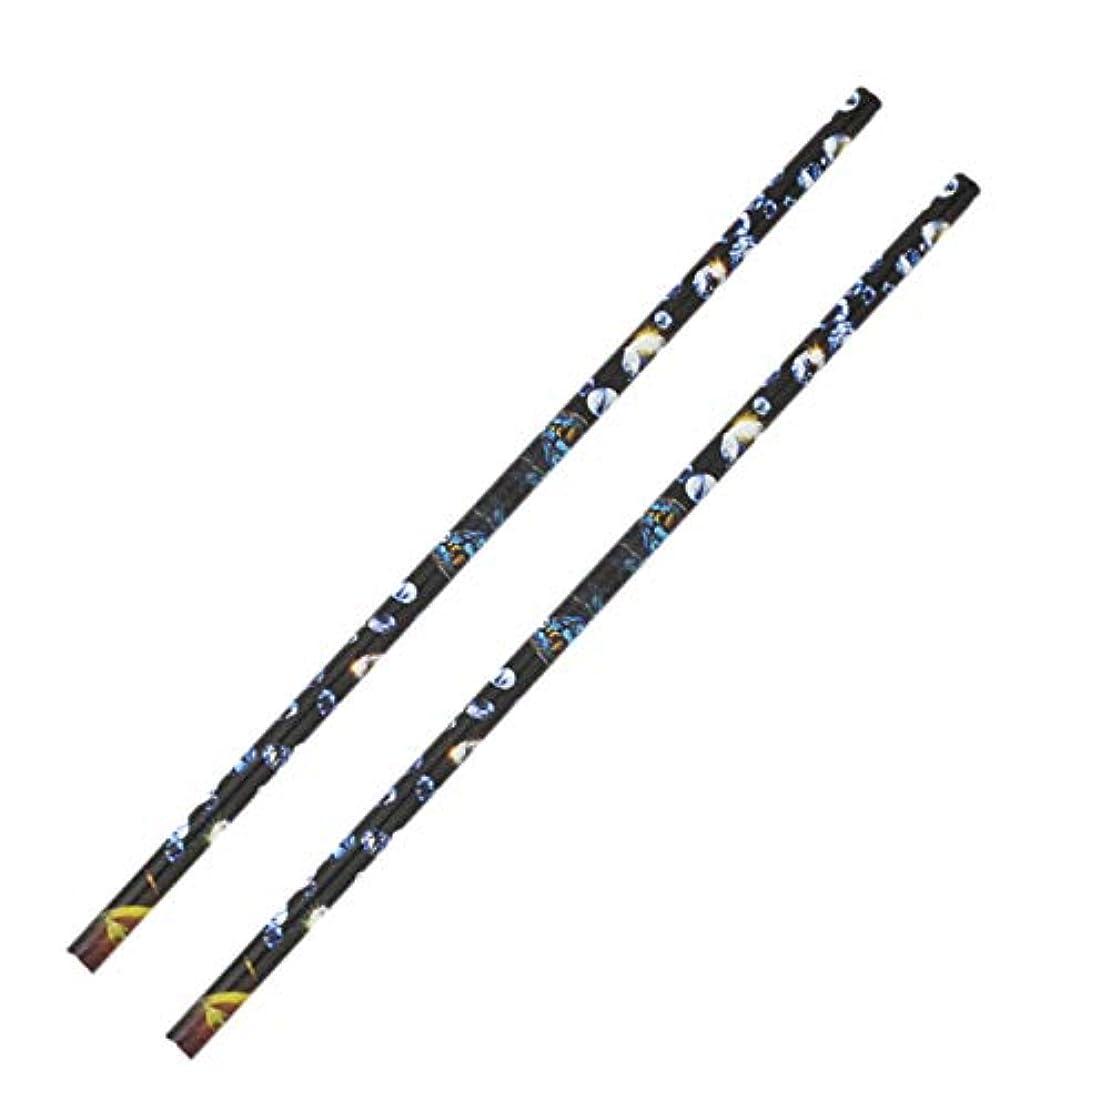 ダイヤモンド活性化比類なきGaoominy 2個 クリスタル ラインストーン ピッカー鉛筆ネイルアートクラフト装飾ツール ワックスペンDIYスティッキードリルクレヨンラインストーンスティックドリルペン マニキュアツール